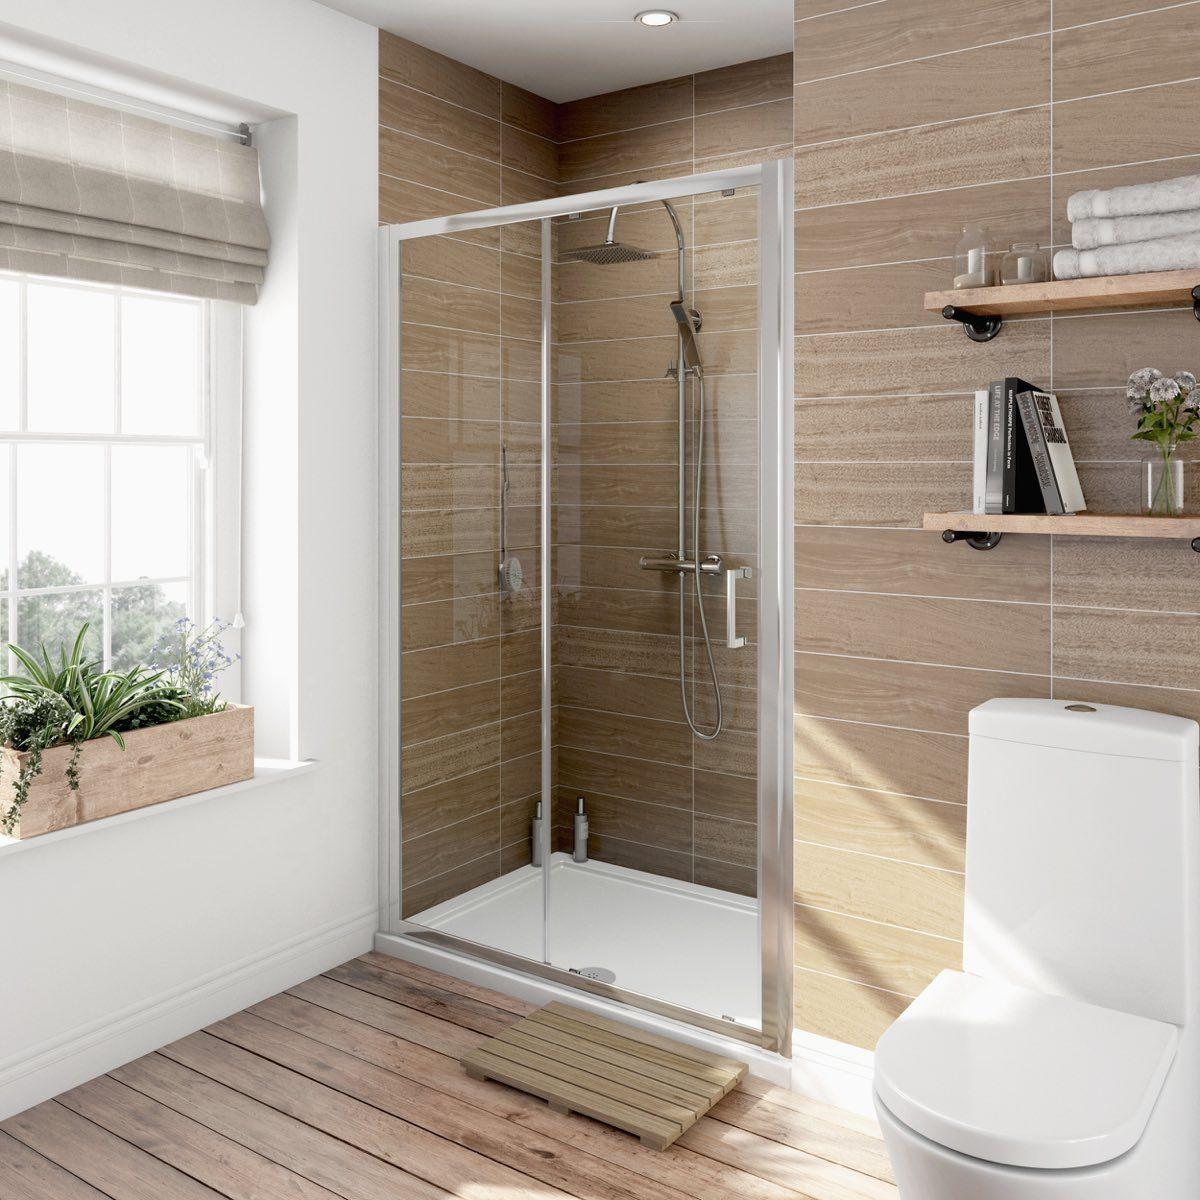 Orchard 6mm Sliding Shower Door In 2020 Shower Doors Frameless Sliding Shower Doors Shower Enclosure